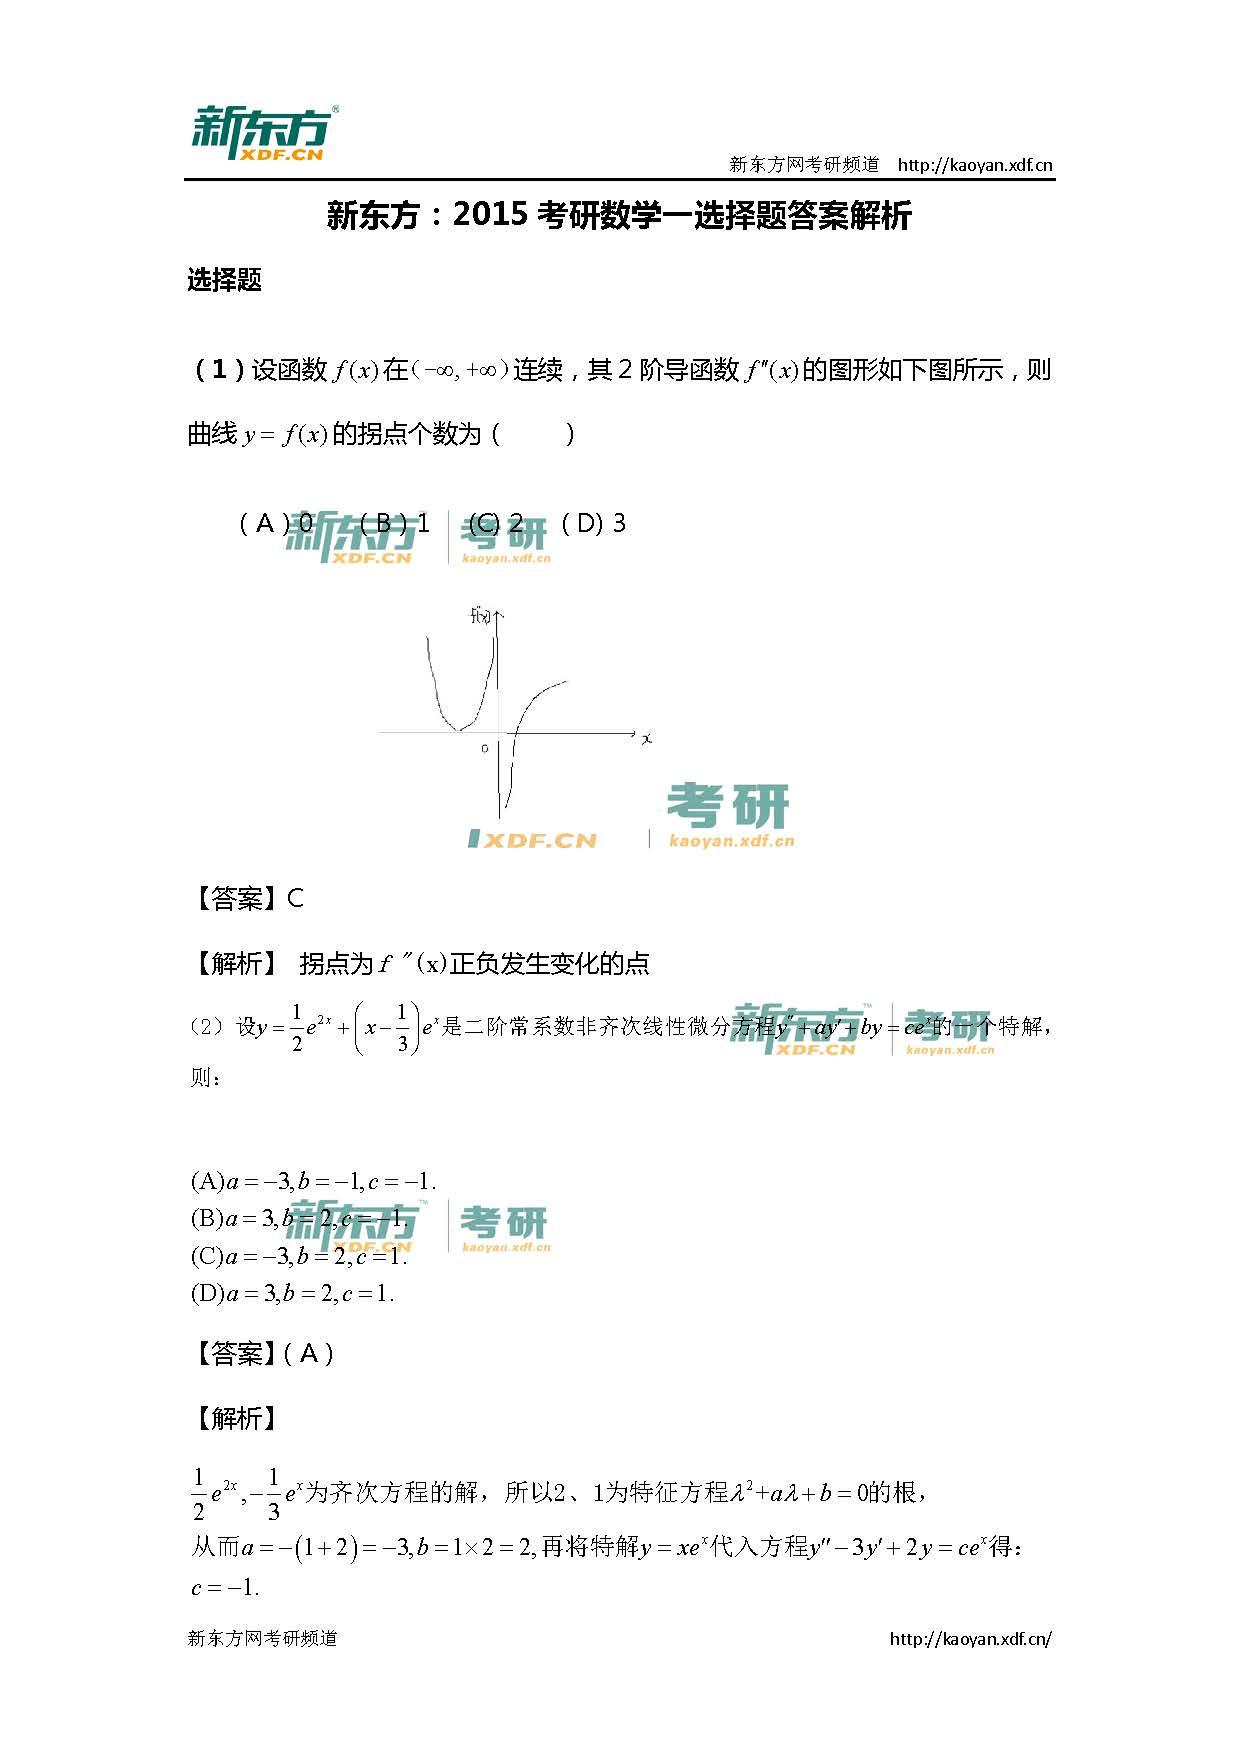 新东方:2015考研数学一选择题答案解析